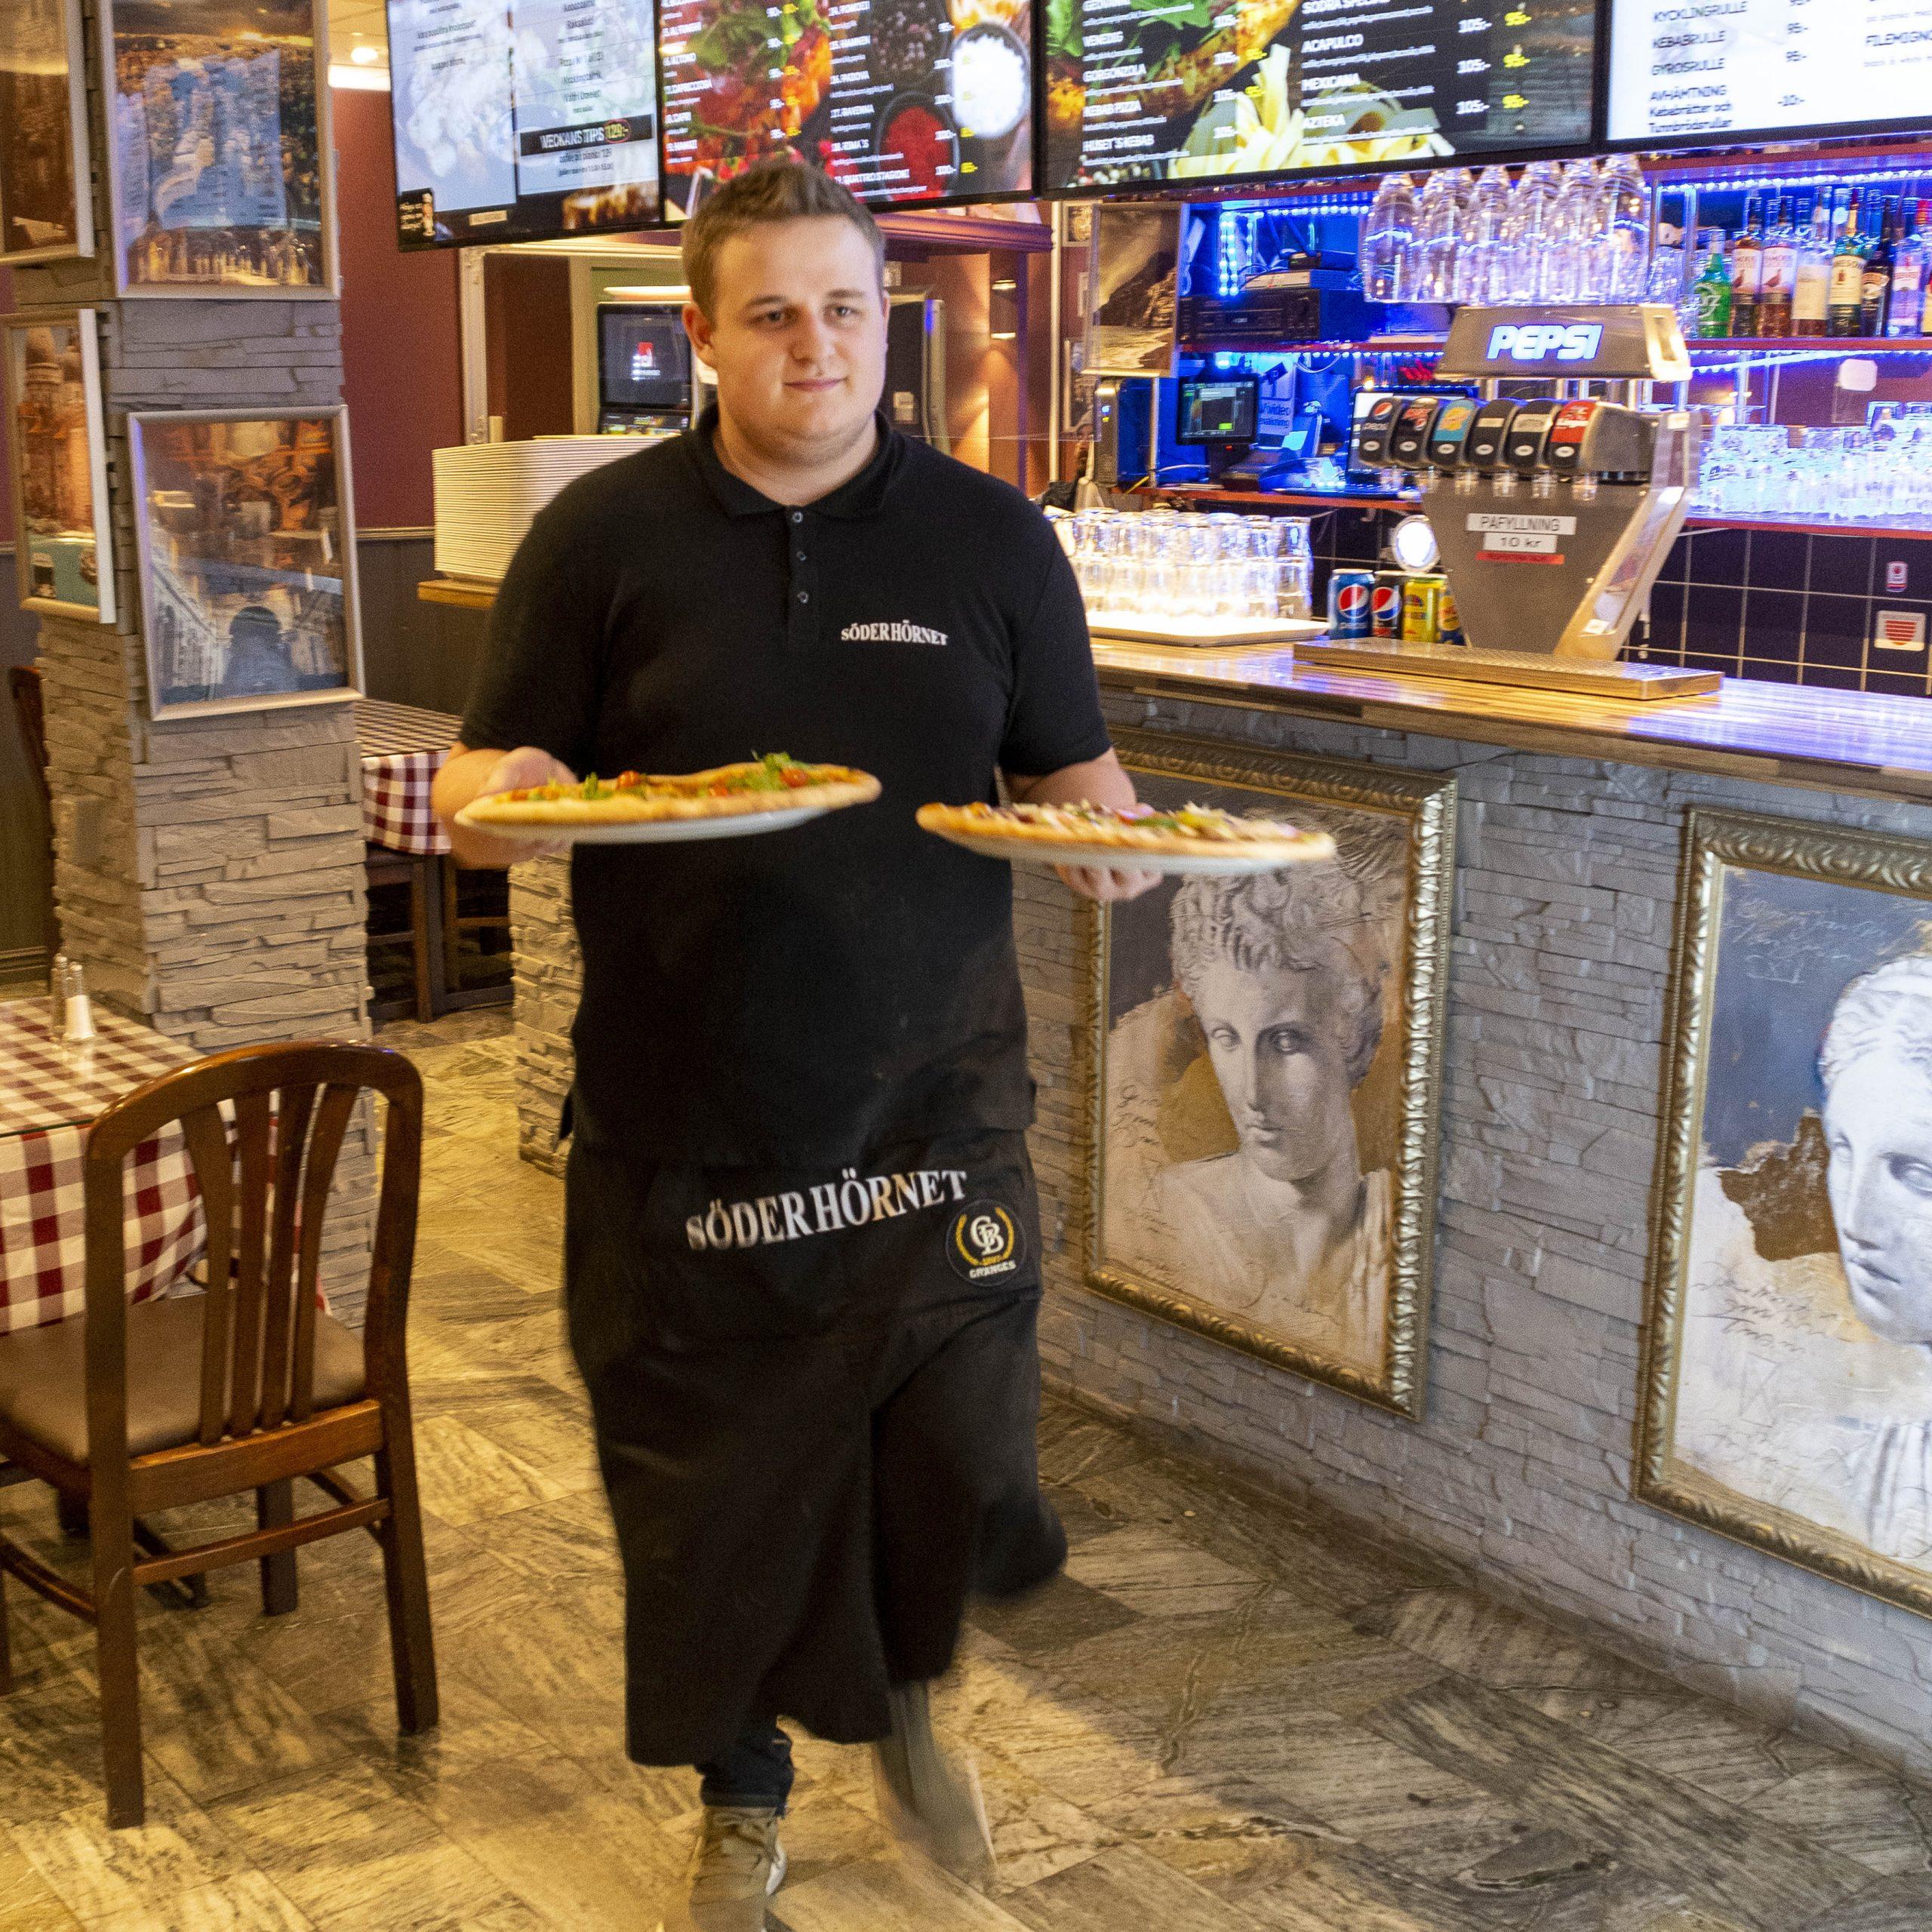 En servitör på väg att servera två pizzor